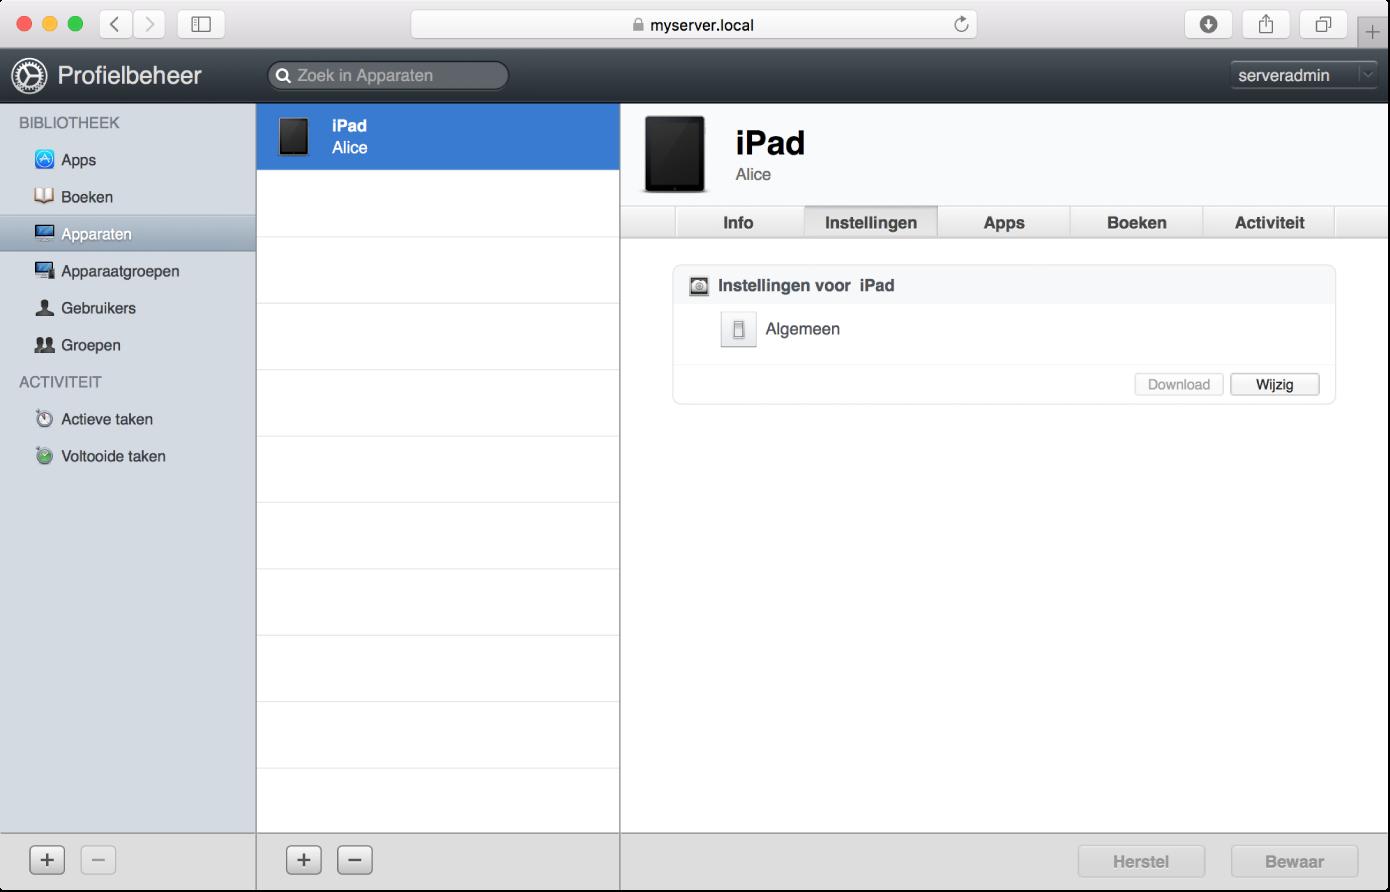 De pagina met apparaatprofielen van Profielbeheer